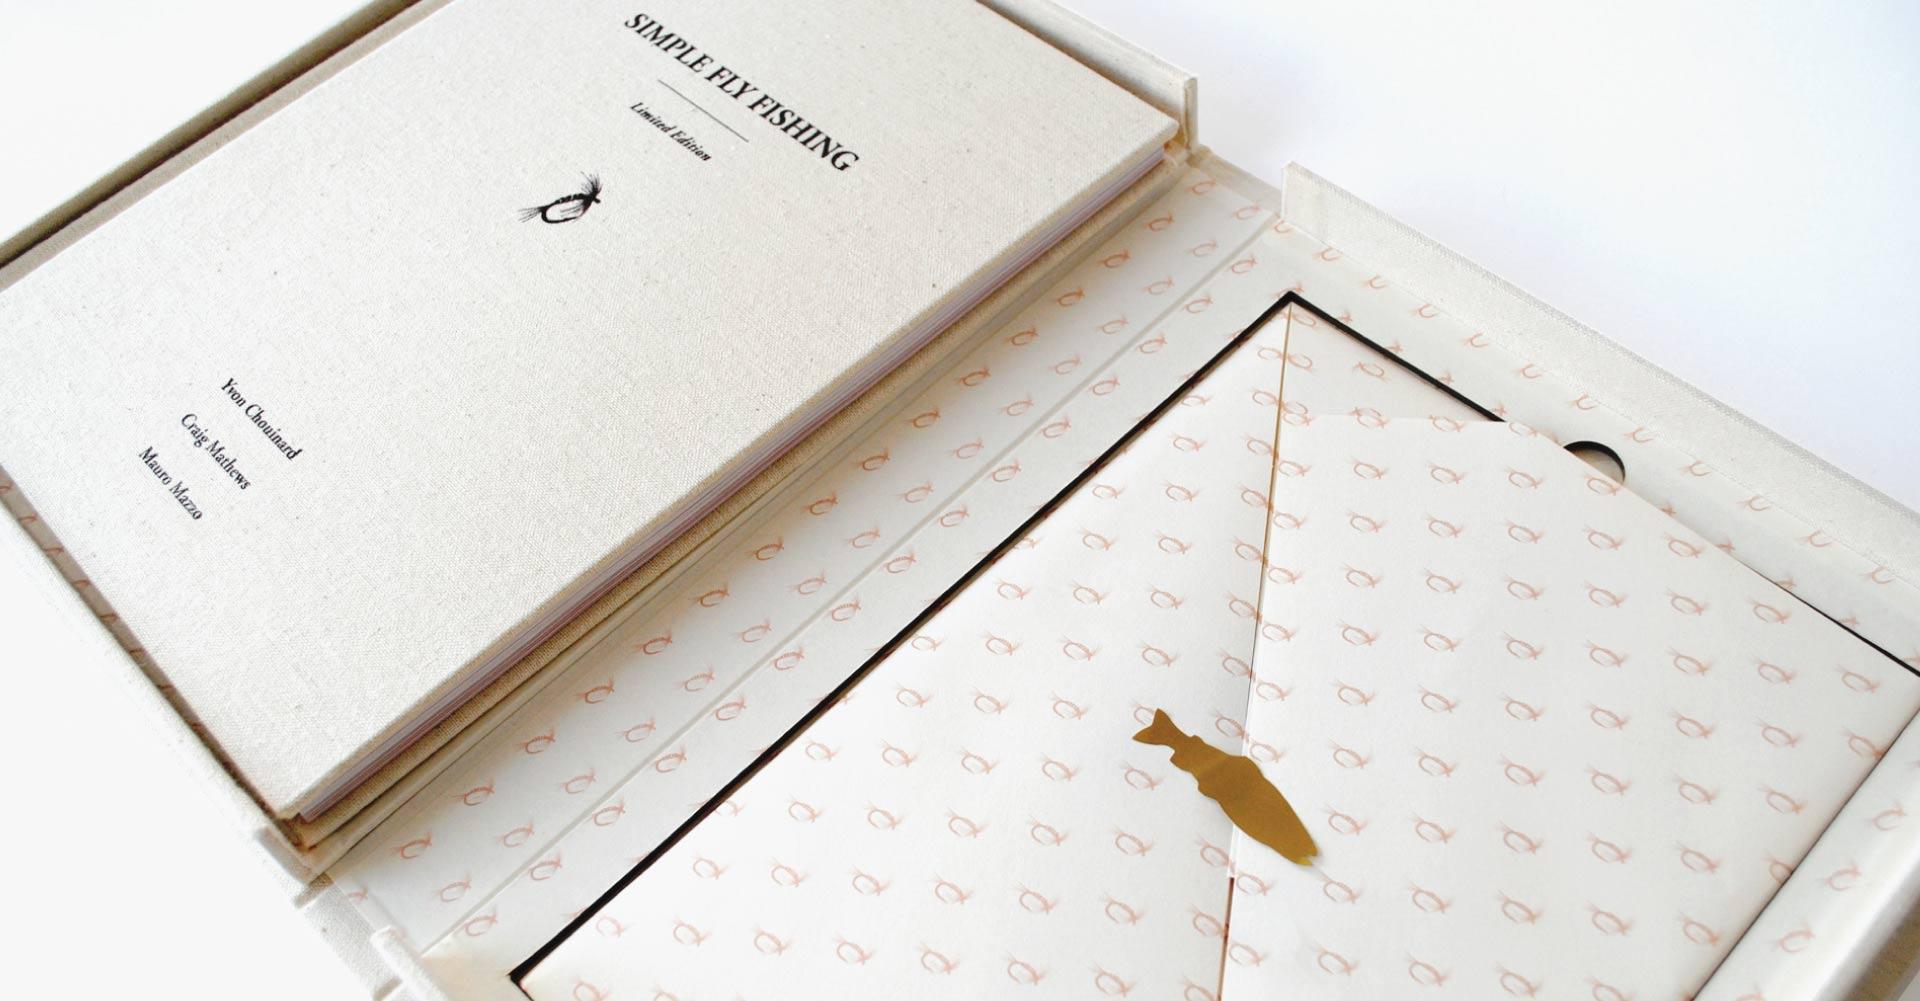 Creative_Retail_Packaging_Custom_Specialty_Packaging_Design_Patagonia_9.jpg